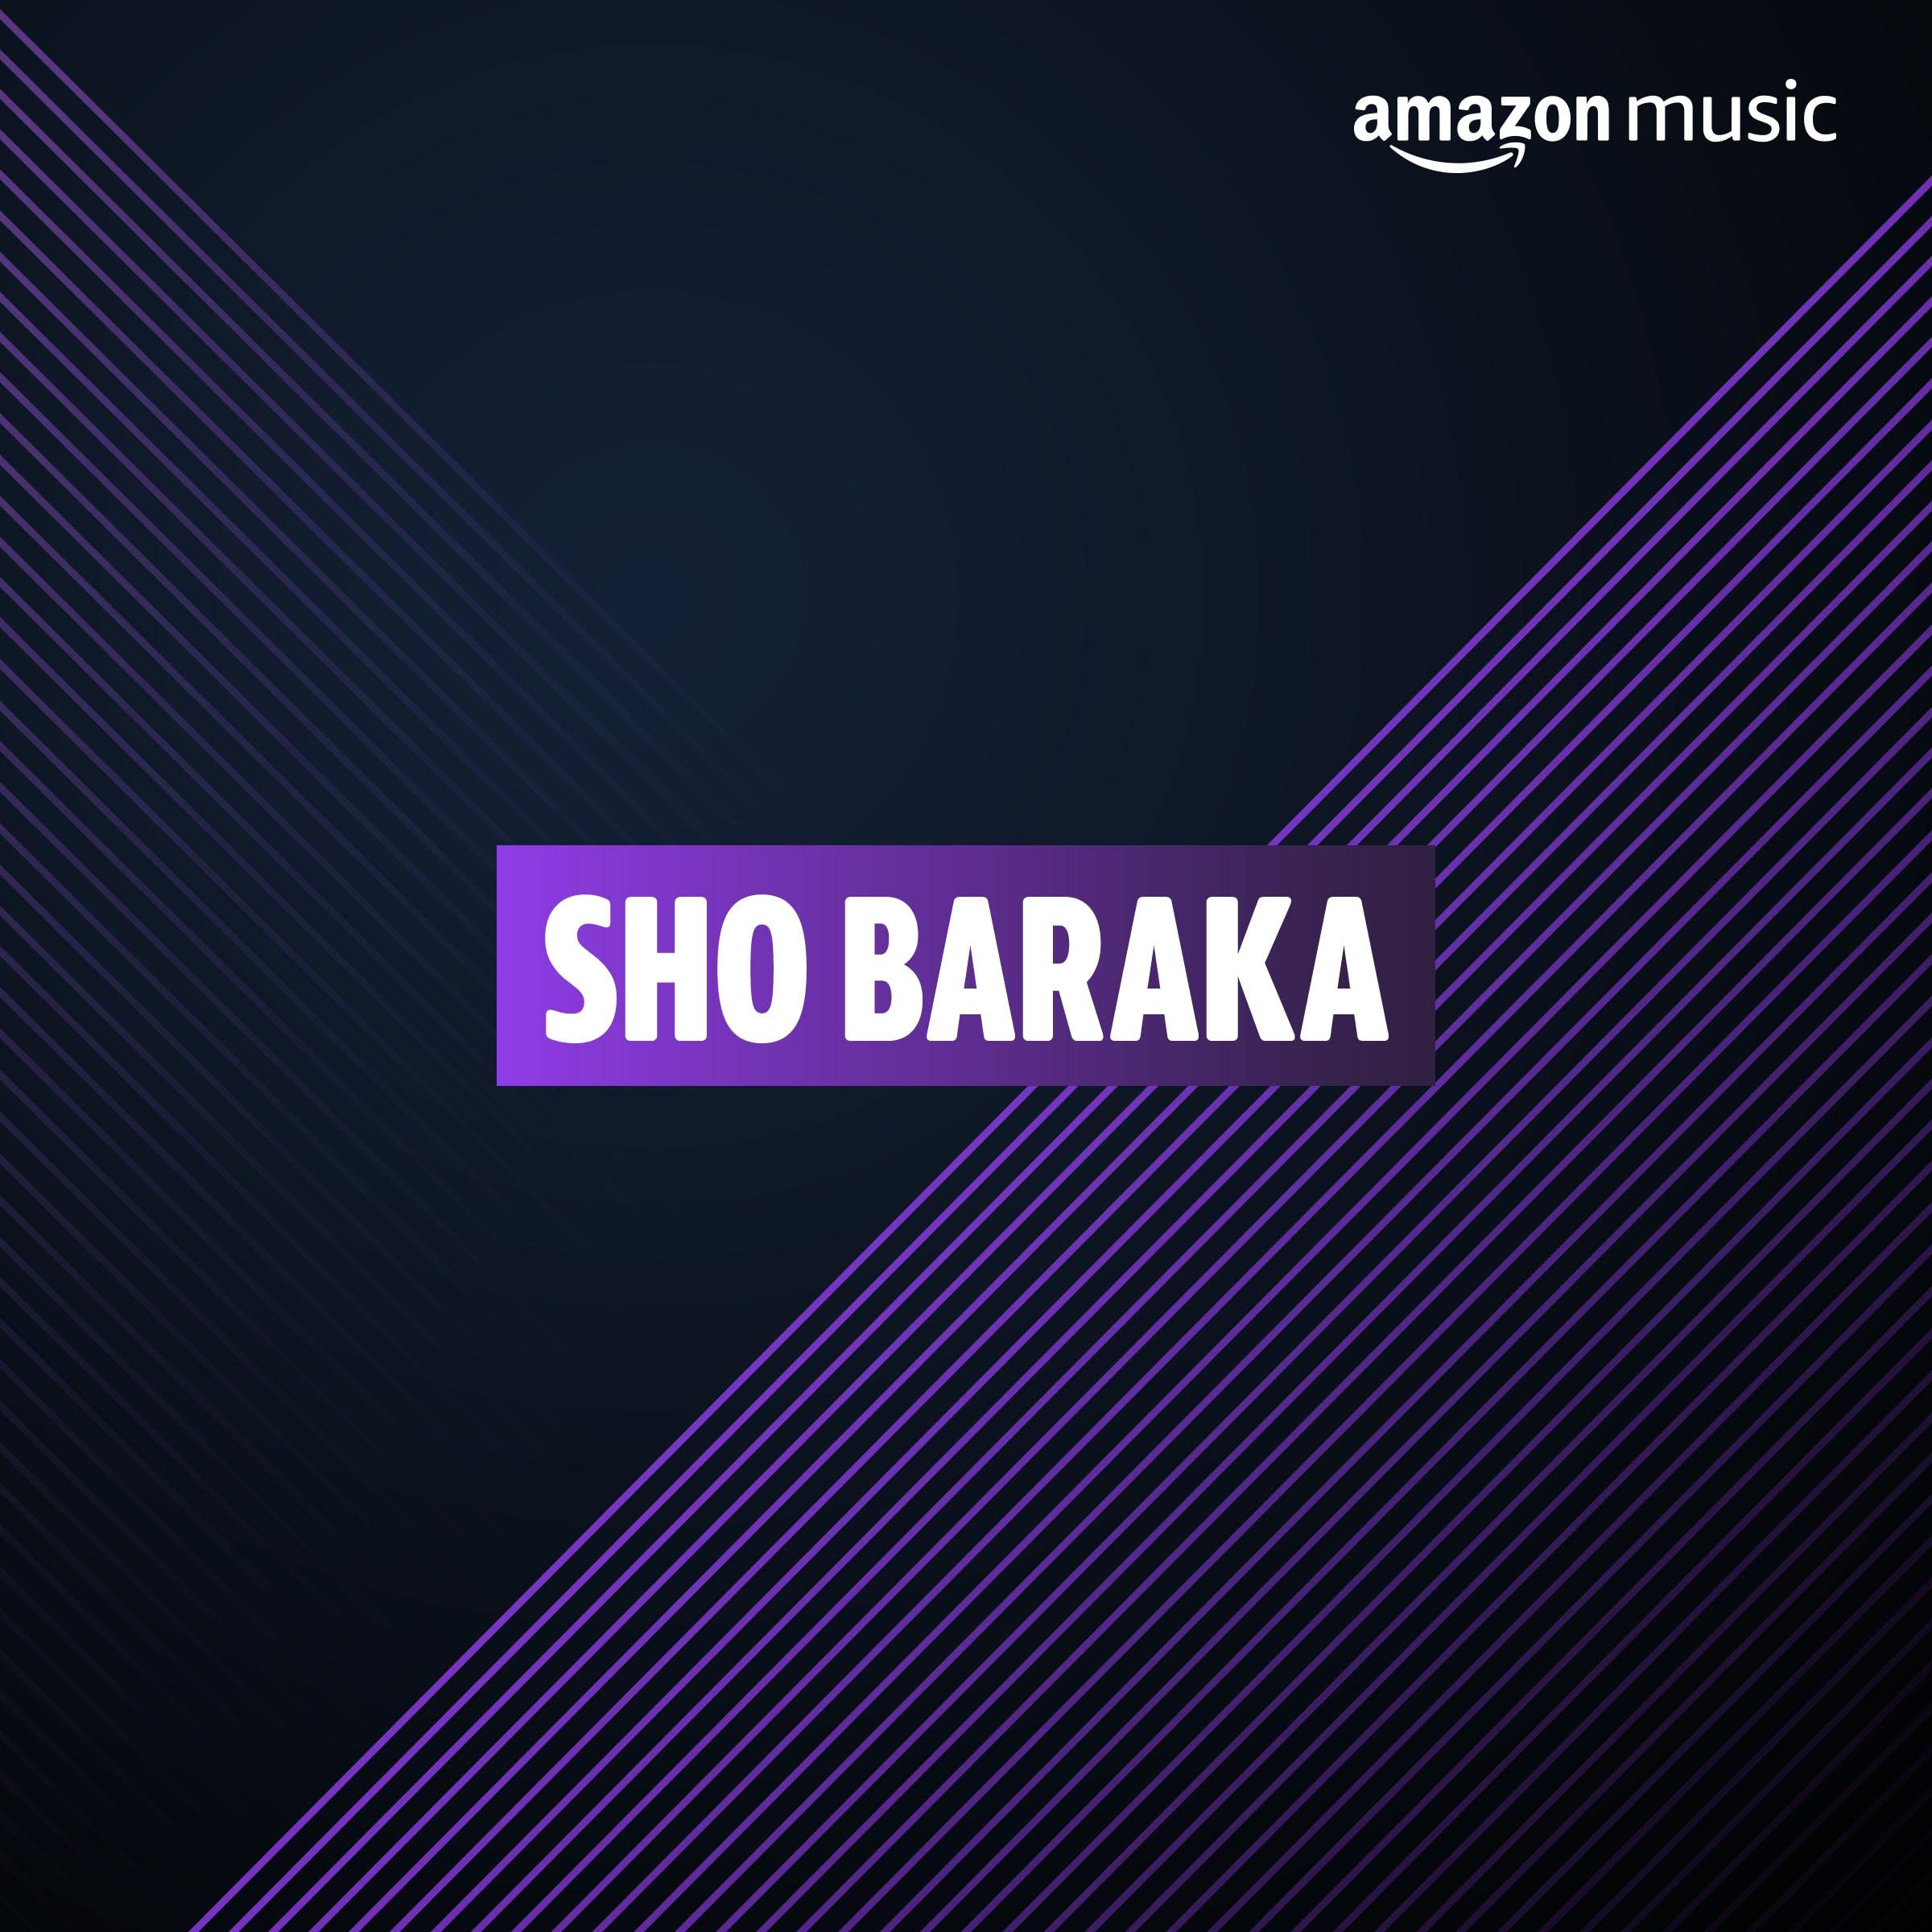 Sho Baraka